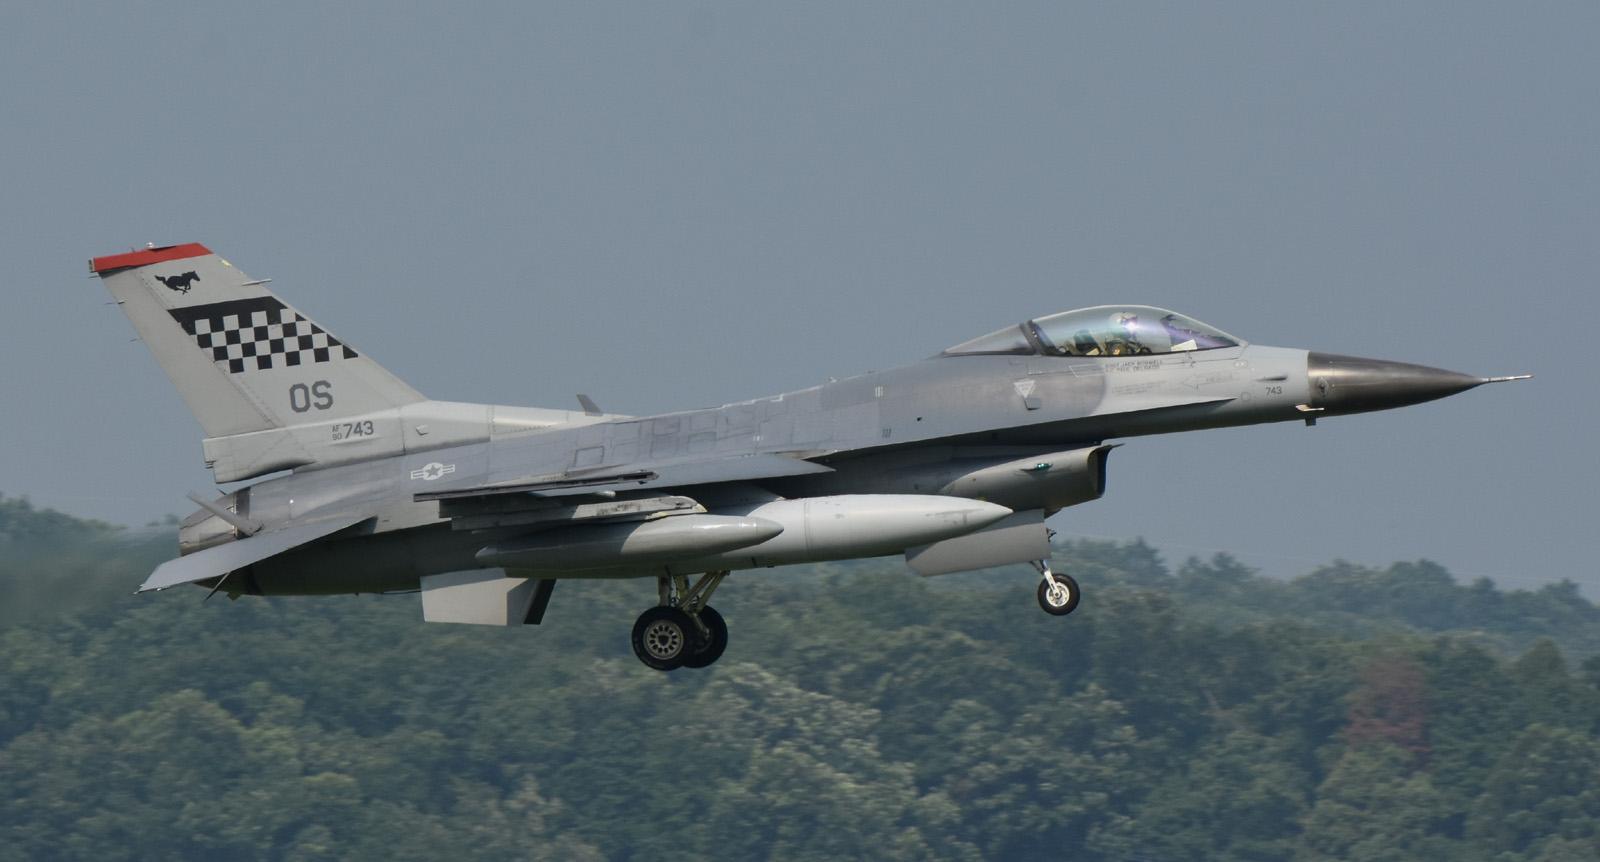 F16cm160707g247